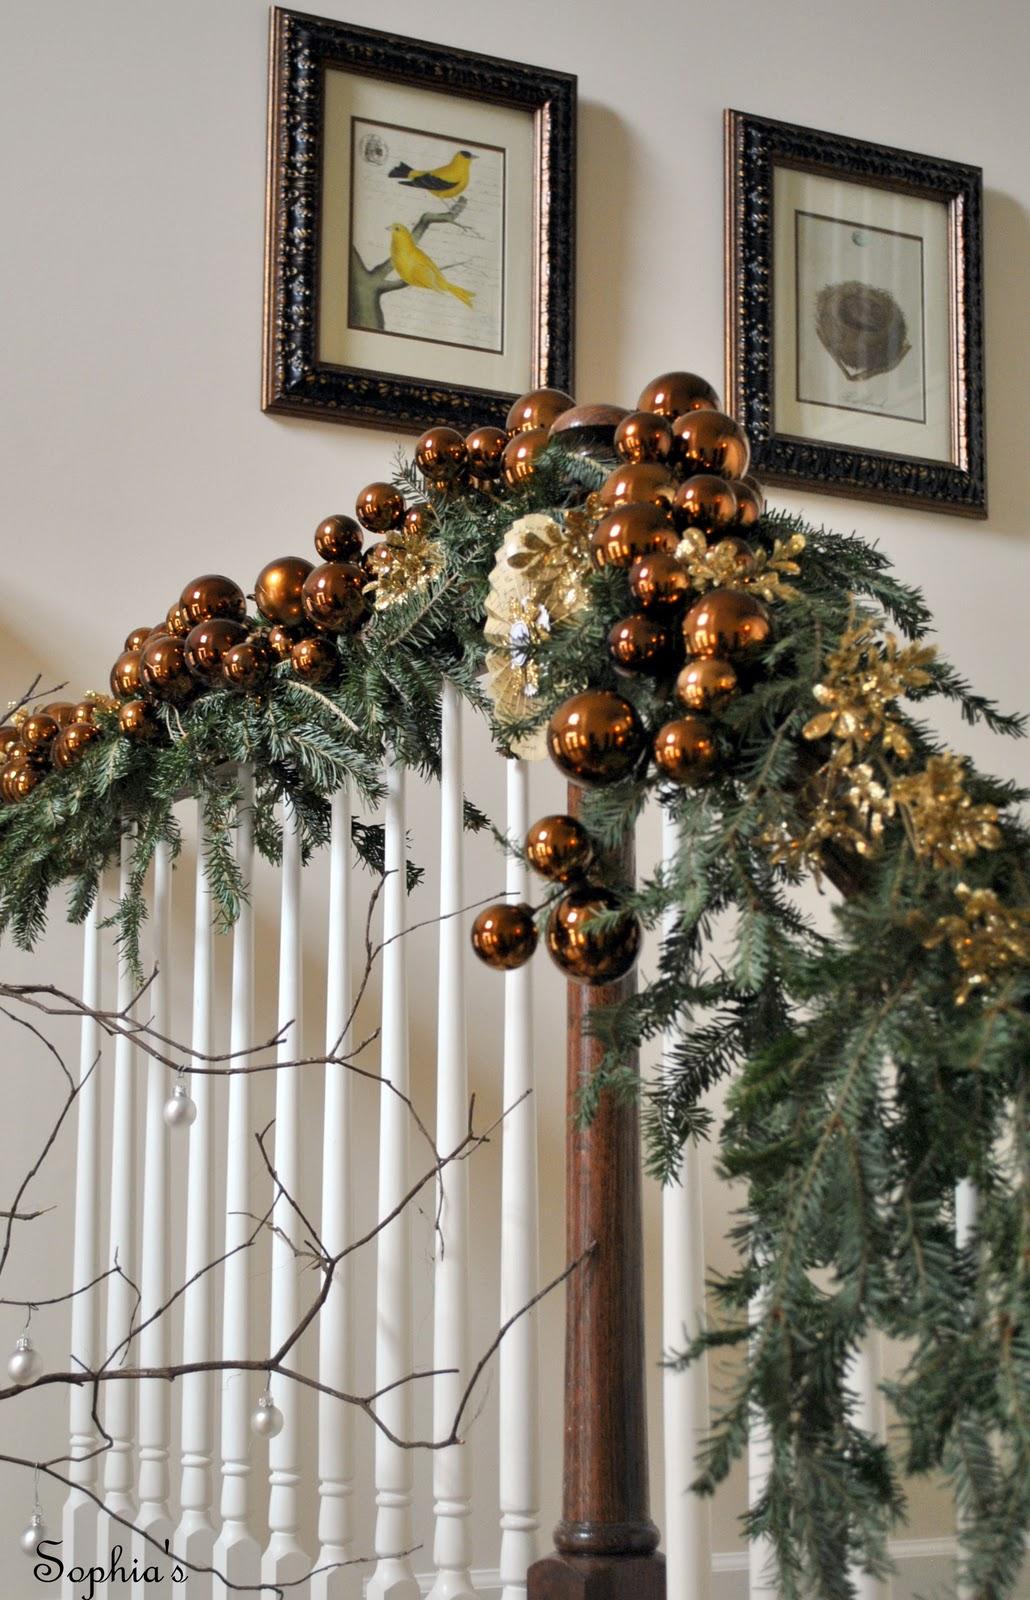 Sophia's: Christmas Stairs